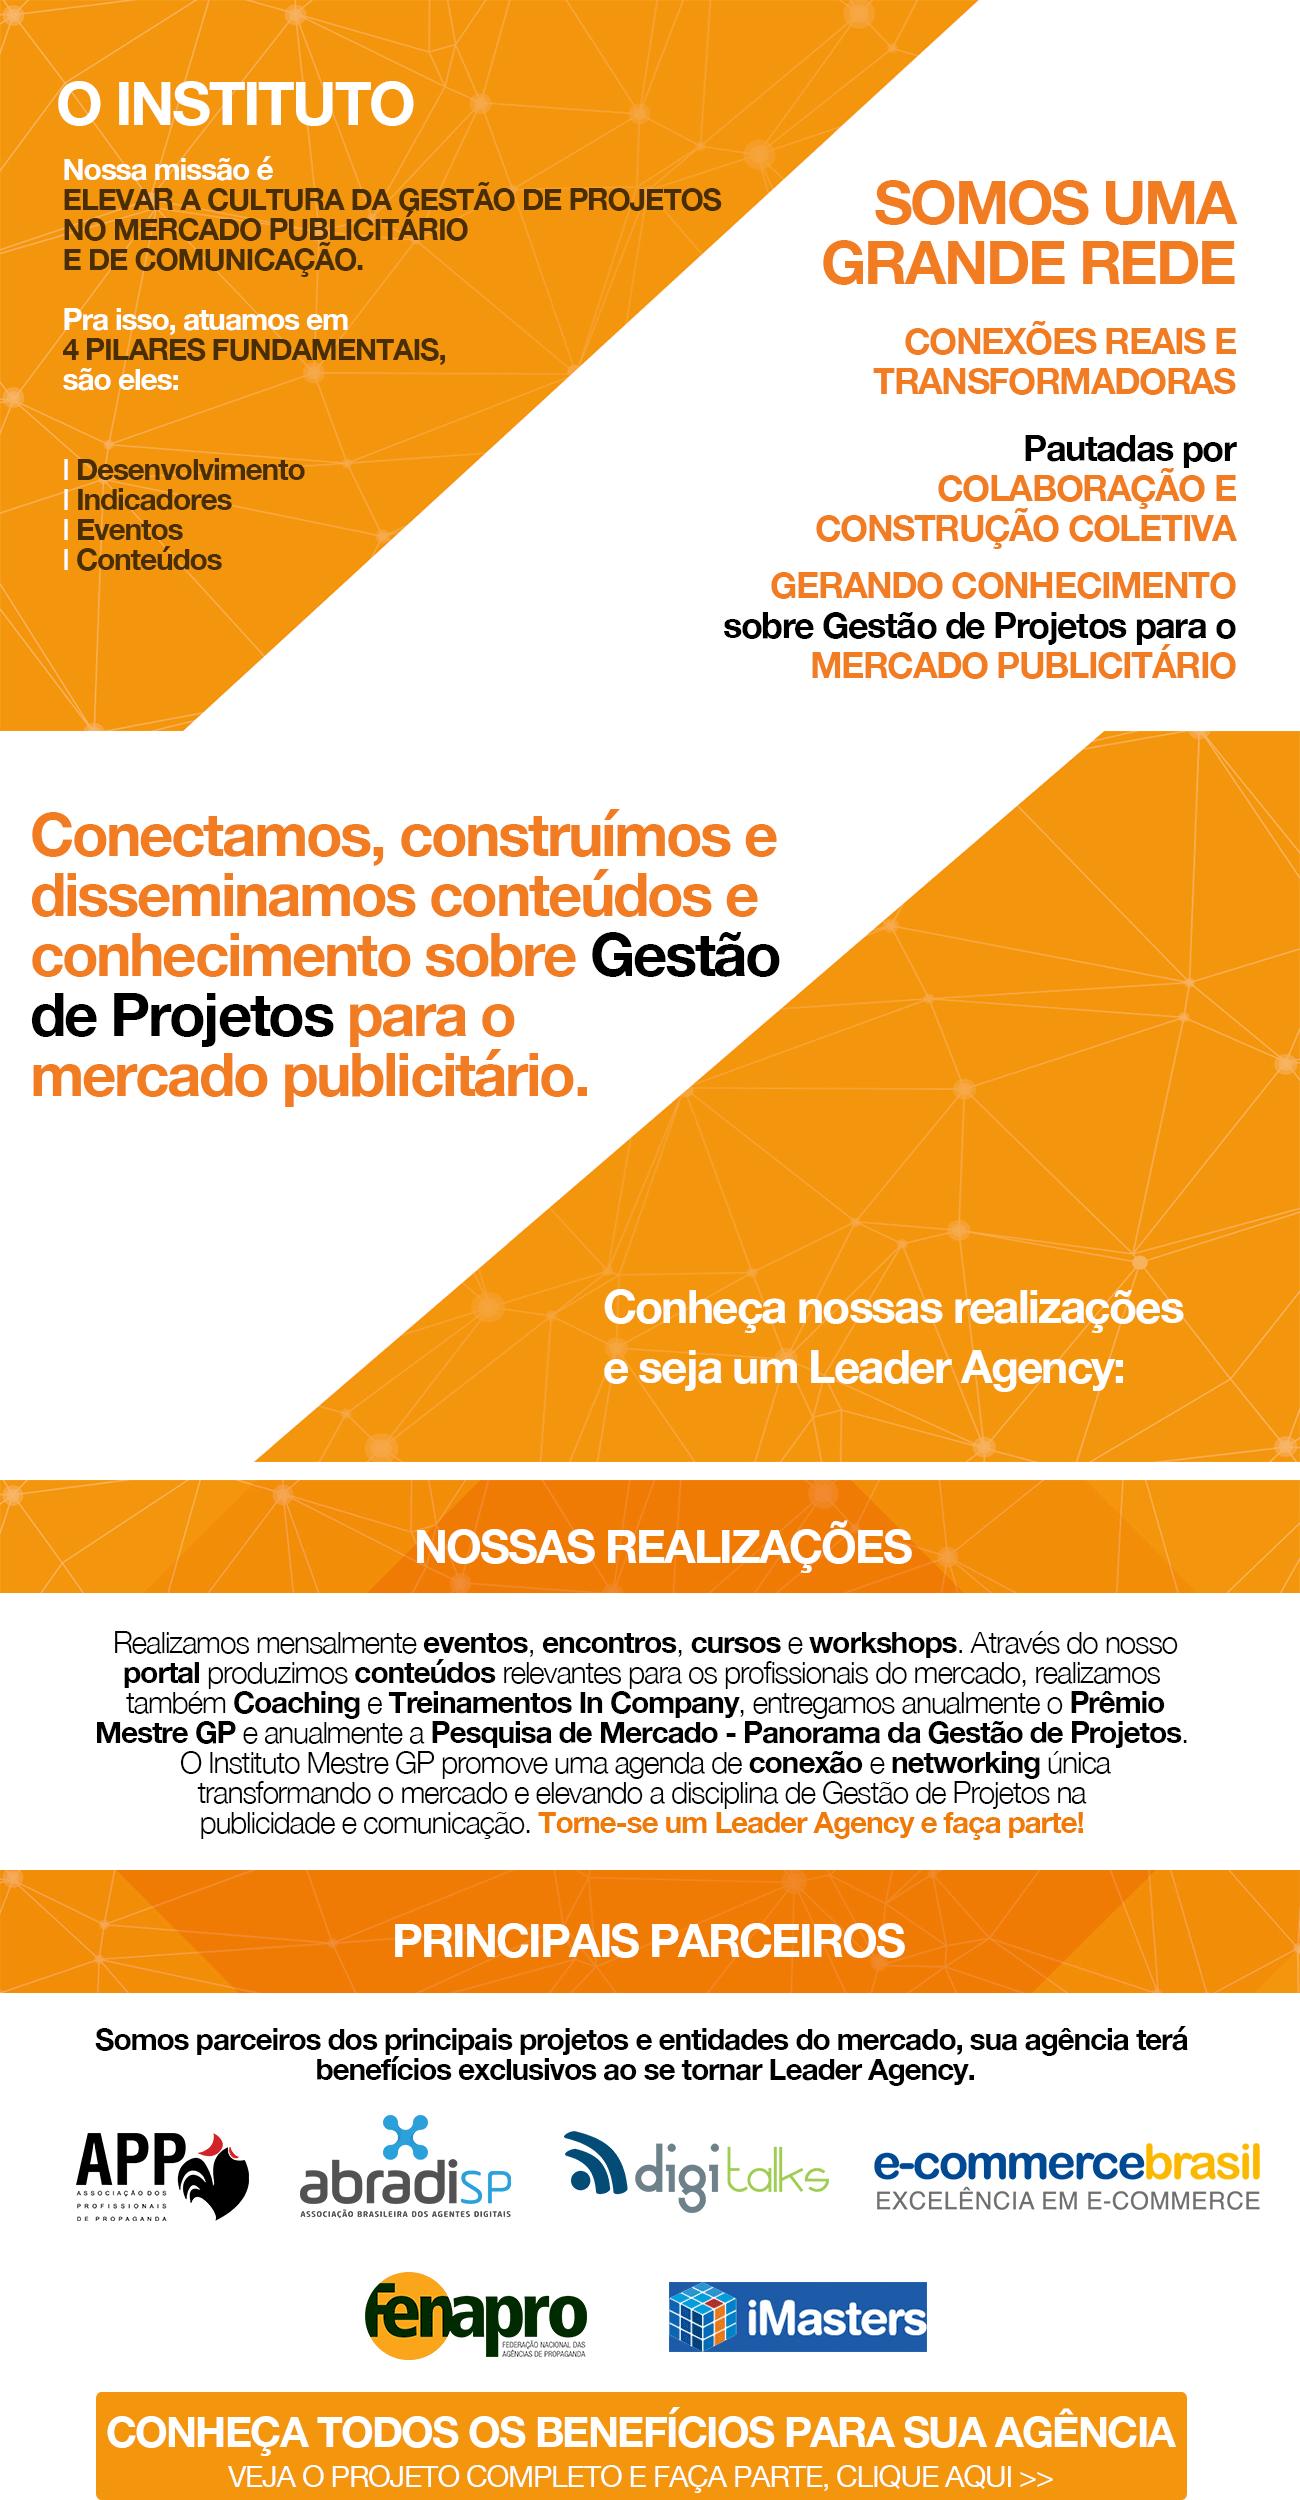 Conectamos, construímos e disseminamos conteúdos e conhecimento sobre gestão de projetos para o mercado publicitário.